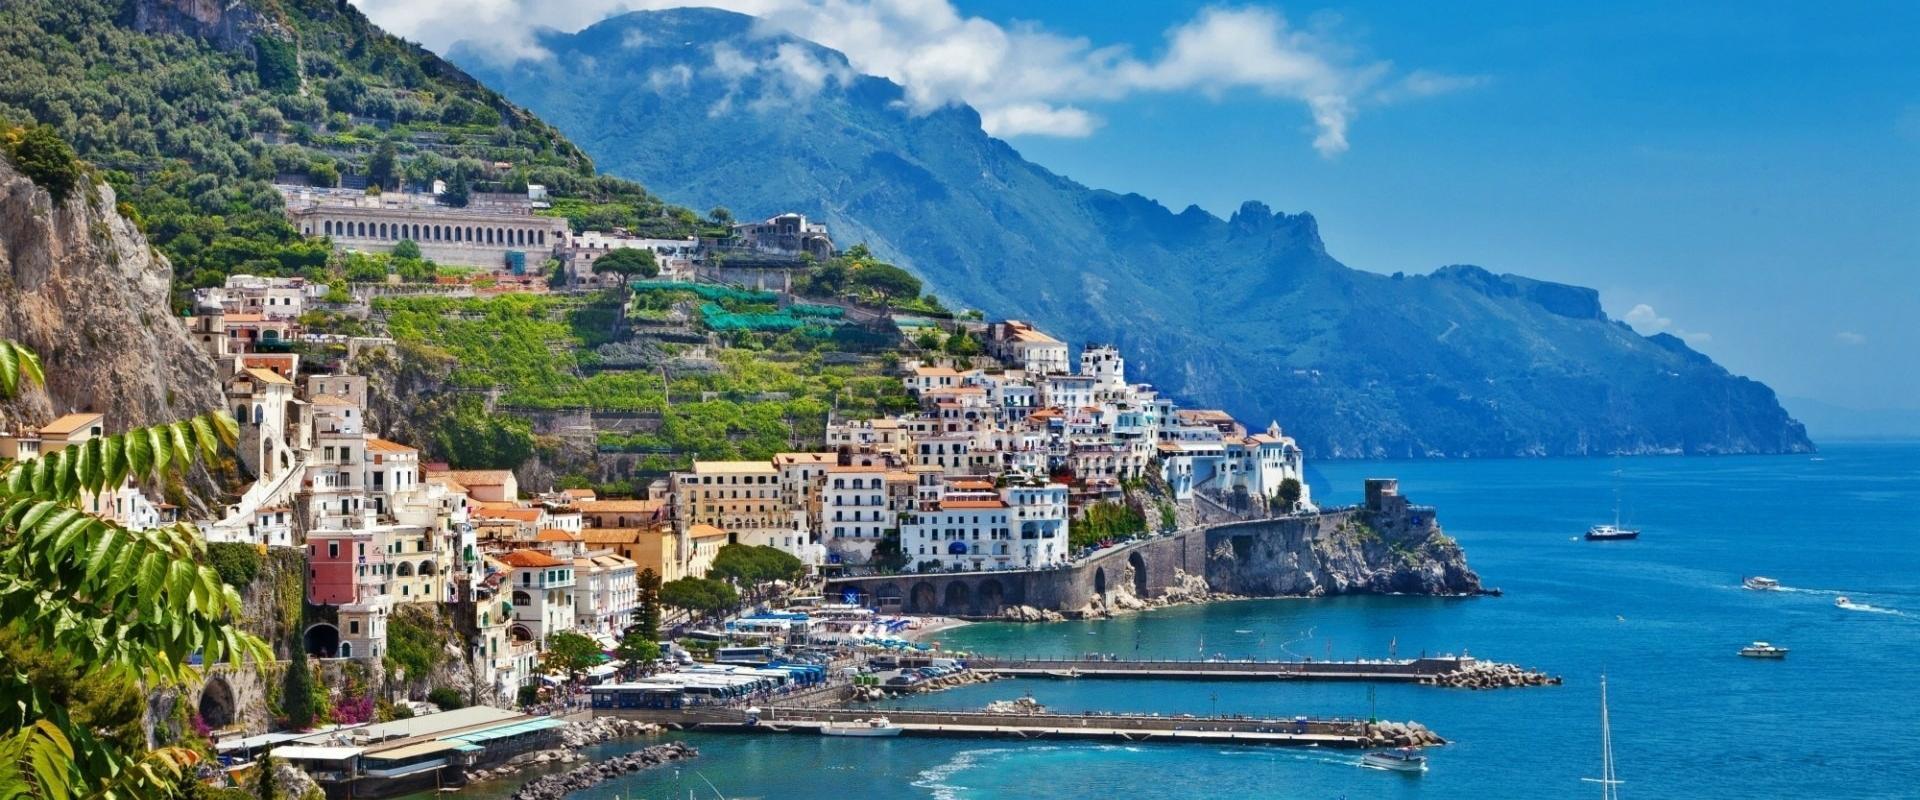 Visit of Amalfi